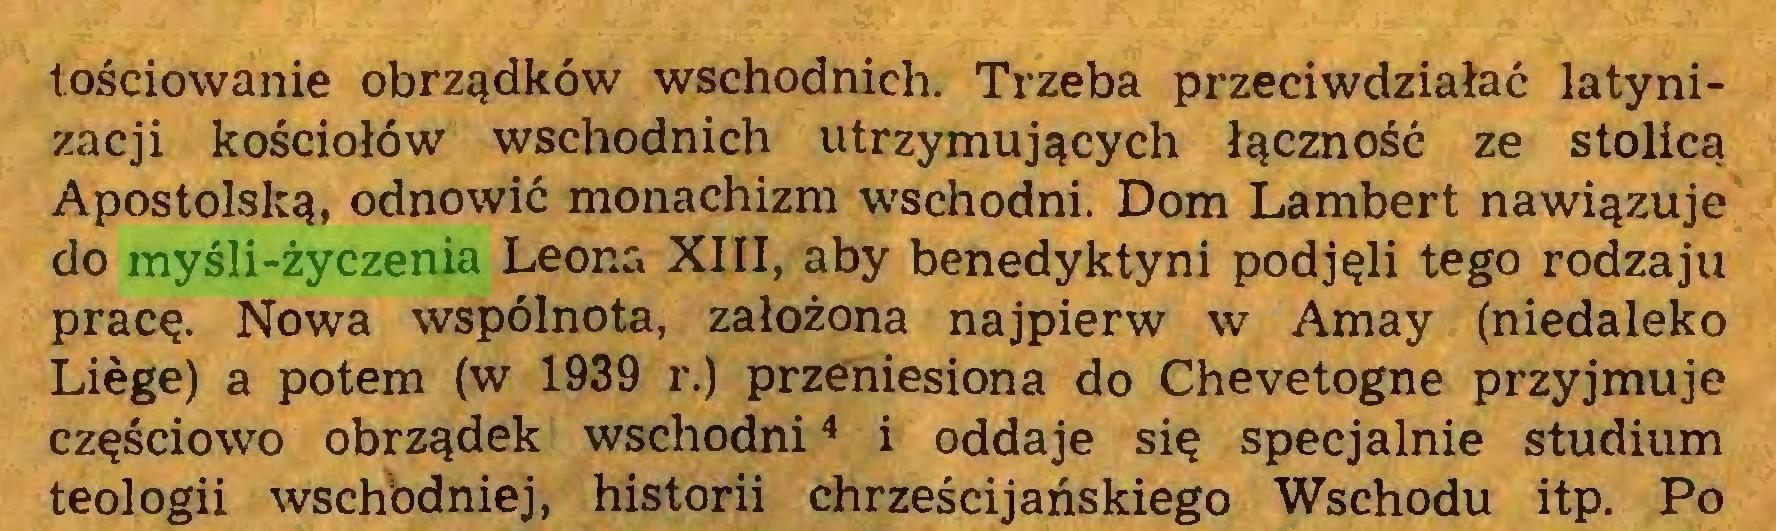 (...) tościowanie obrządków wschodnich. Trzeba przeciwdziałać latynizacji kościołów wschodnich utrzymujących łączność ze stolicą Apostolską, odnowić monachizm wschodni. Dom Lambert nawiązuje do myśli-życzenia Leona XIII, aby benedyktyni podjęli tego rodzaju pracę. Nowa wspólnota, założona najpierw w Amay (niedaleko Lióge) a potem (w 1939 r.) przeniesiona do Chevetogne przyjmuje częściowo obrządek wschodni4 i oddaje się specjalnie studium teologii wschbdniej, historii chrześcijańskiego Wschodu itp. Po...